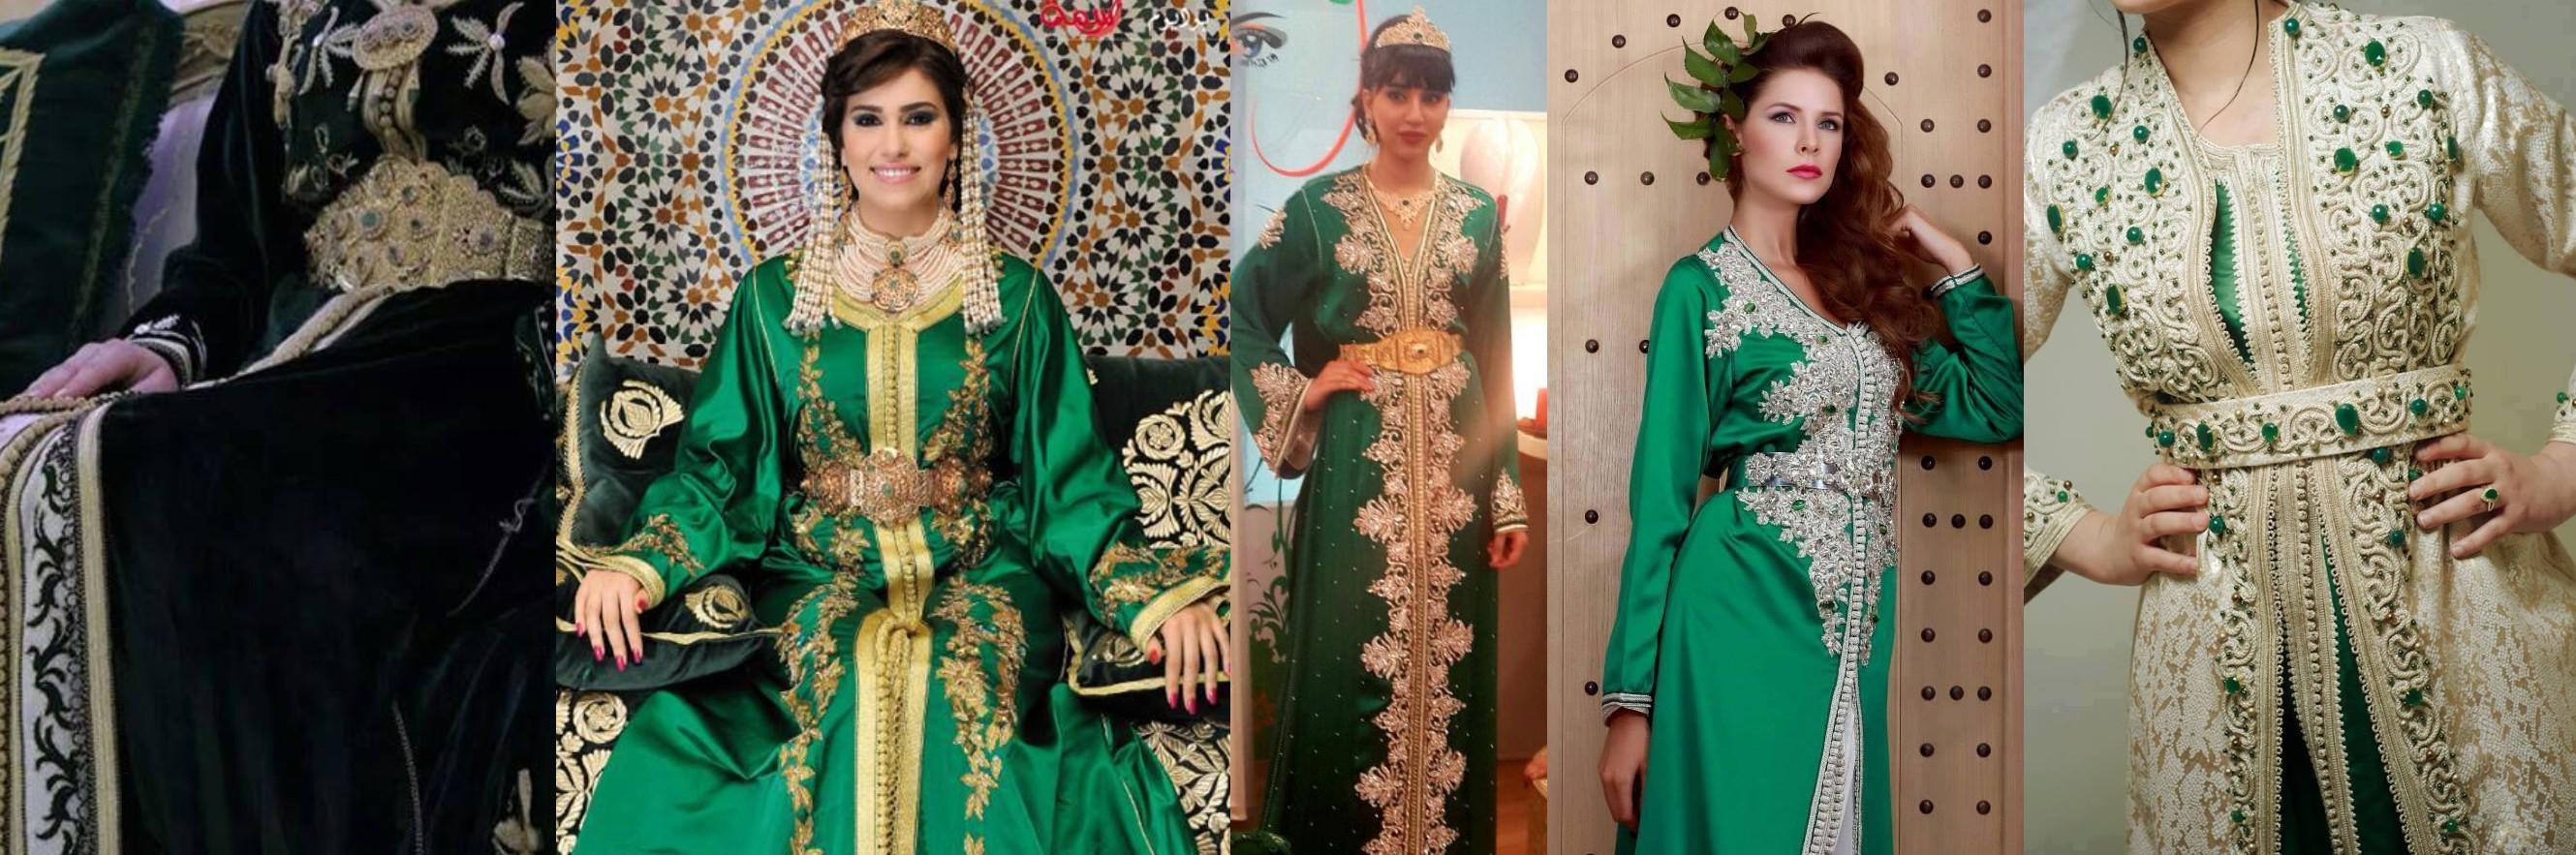 magnifique colection de caftan marocain